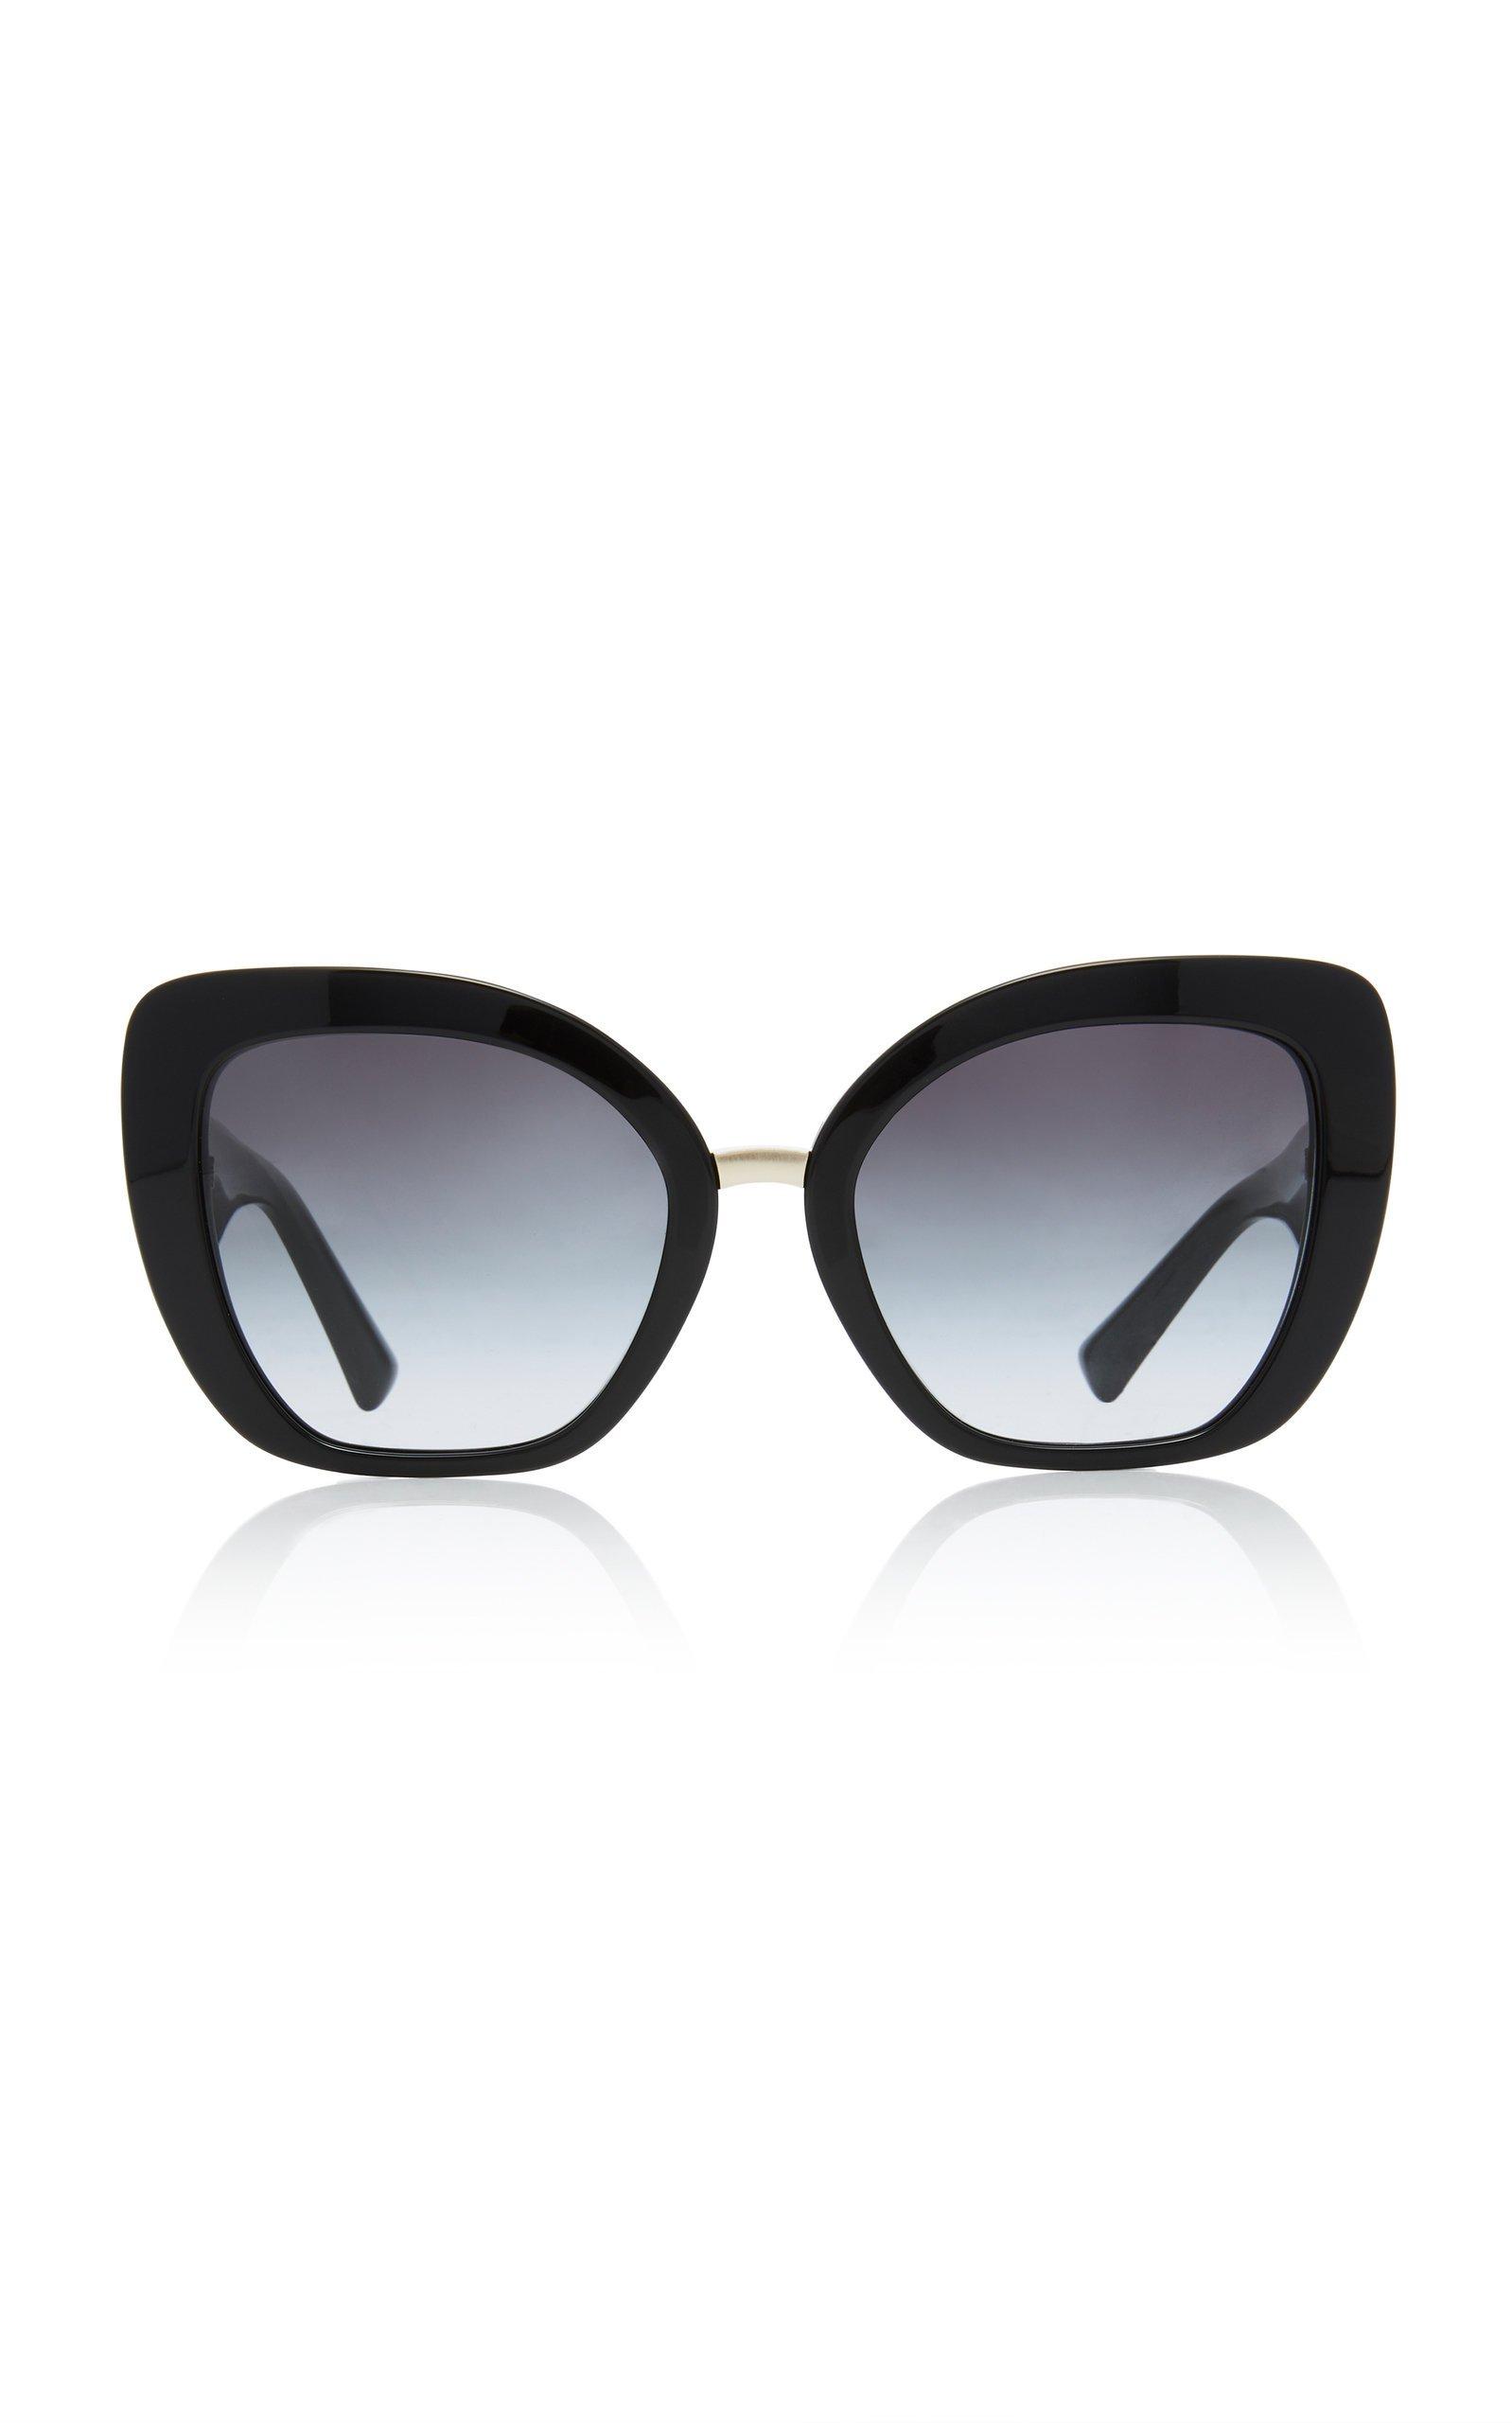 Valentino Square-Frame Tortoiseshell Acetate Sunglasses